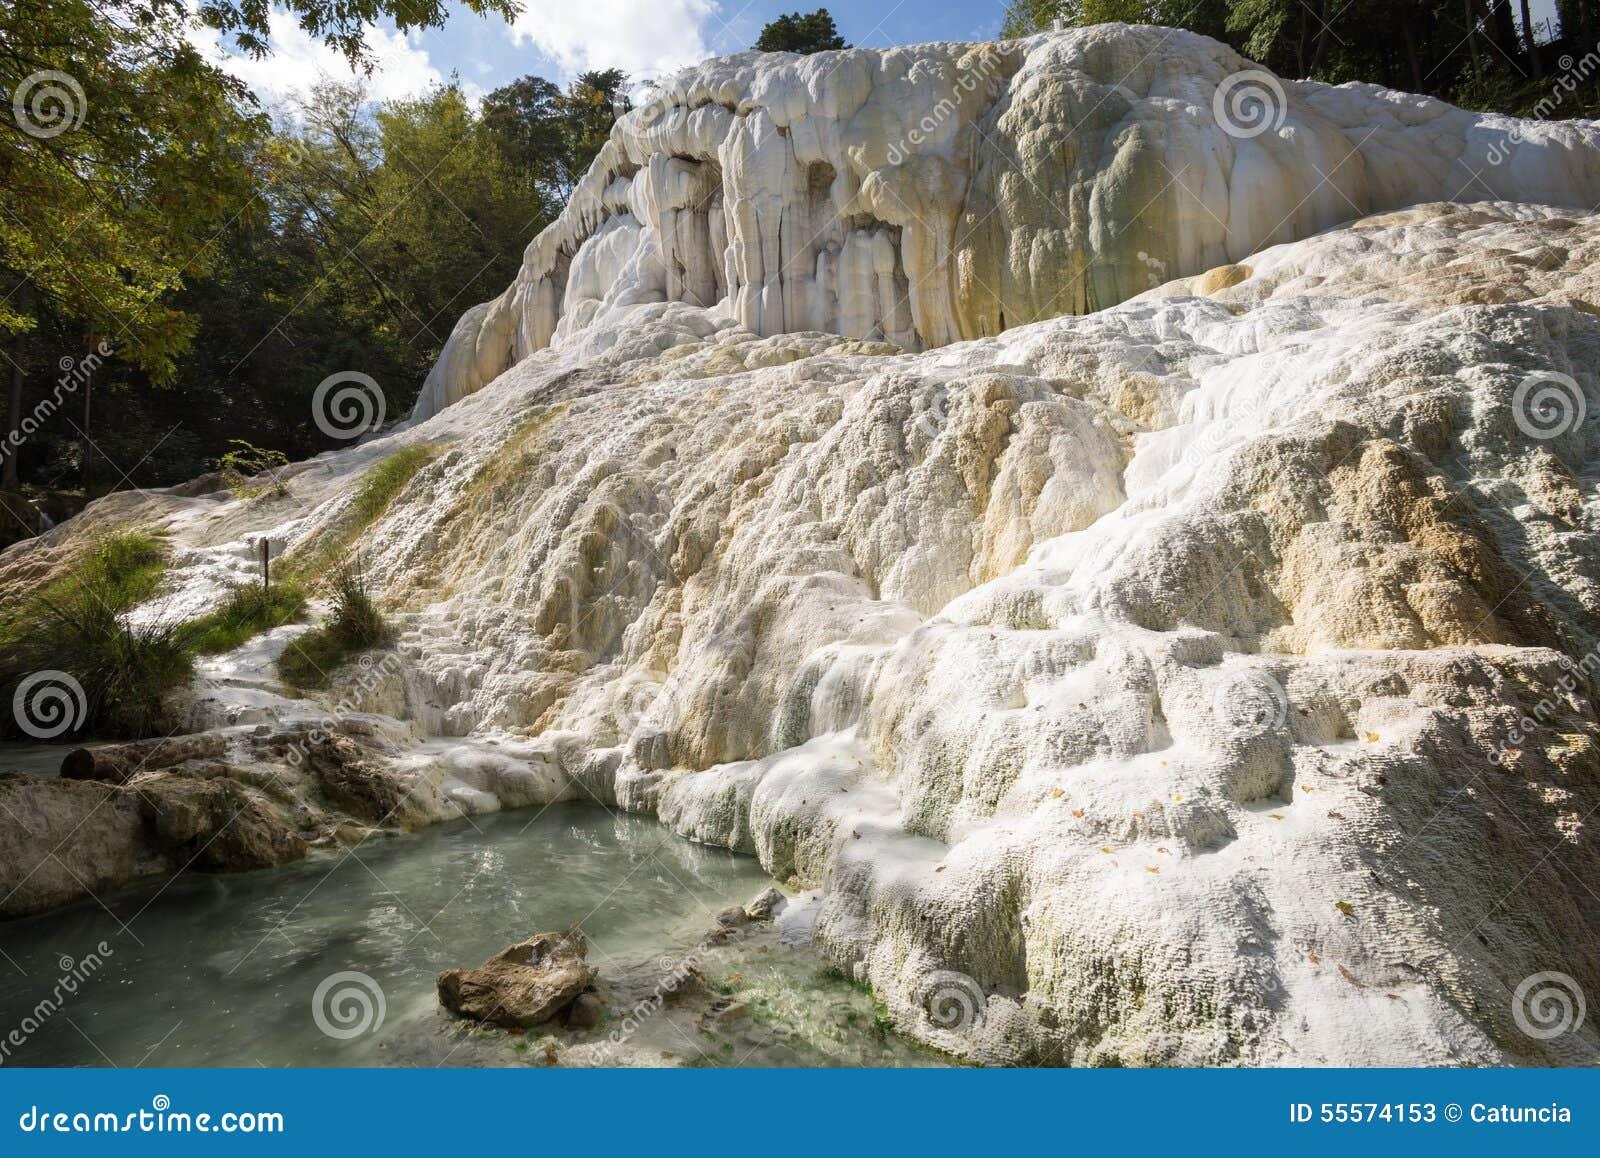 fosso bianco hot springs in bagni san filippo